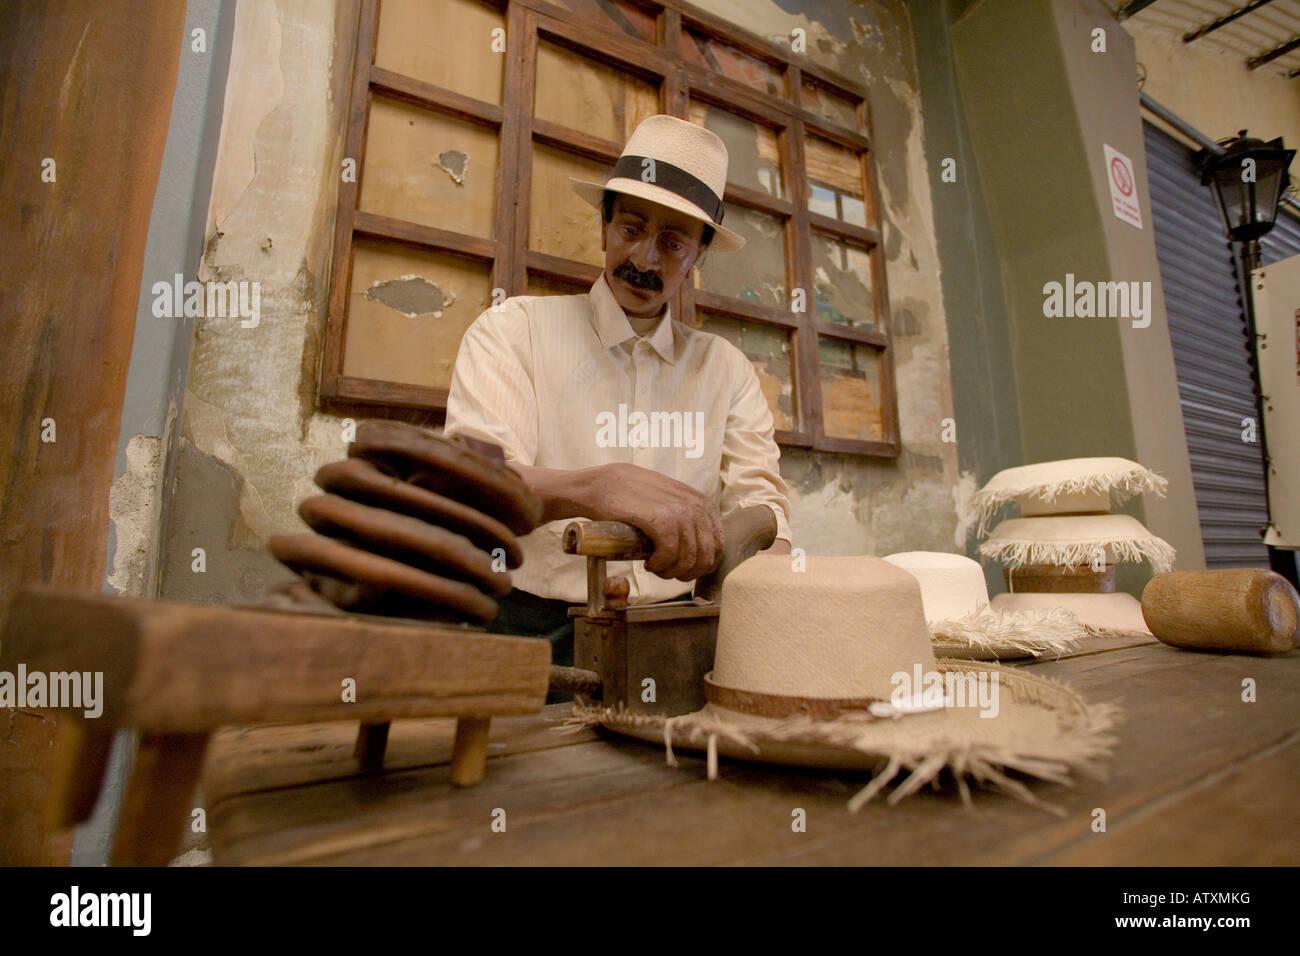 Travailleur homme panama hat factory costume typique des indiens face à  l espagnol Andes CUENCA Equateur paille tourisme ethnique 44c271a4558